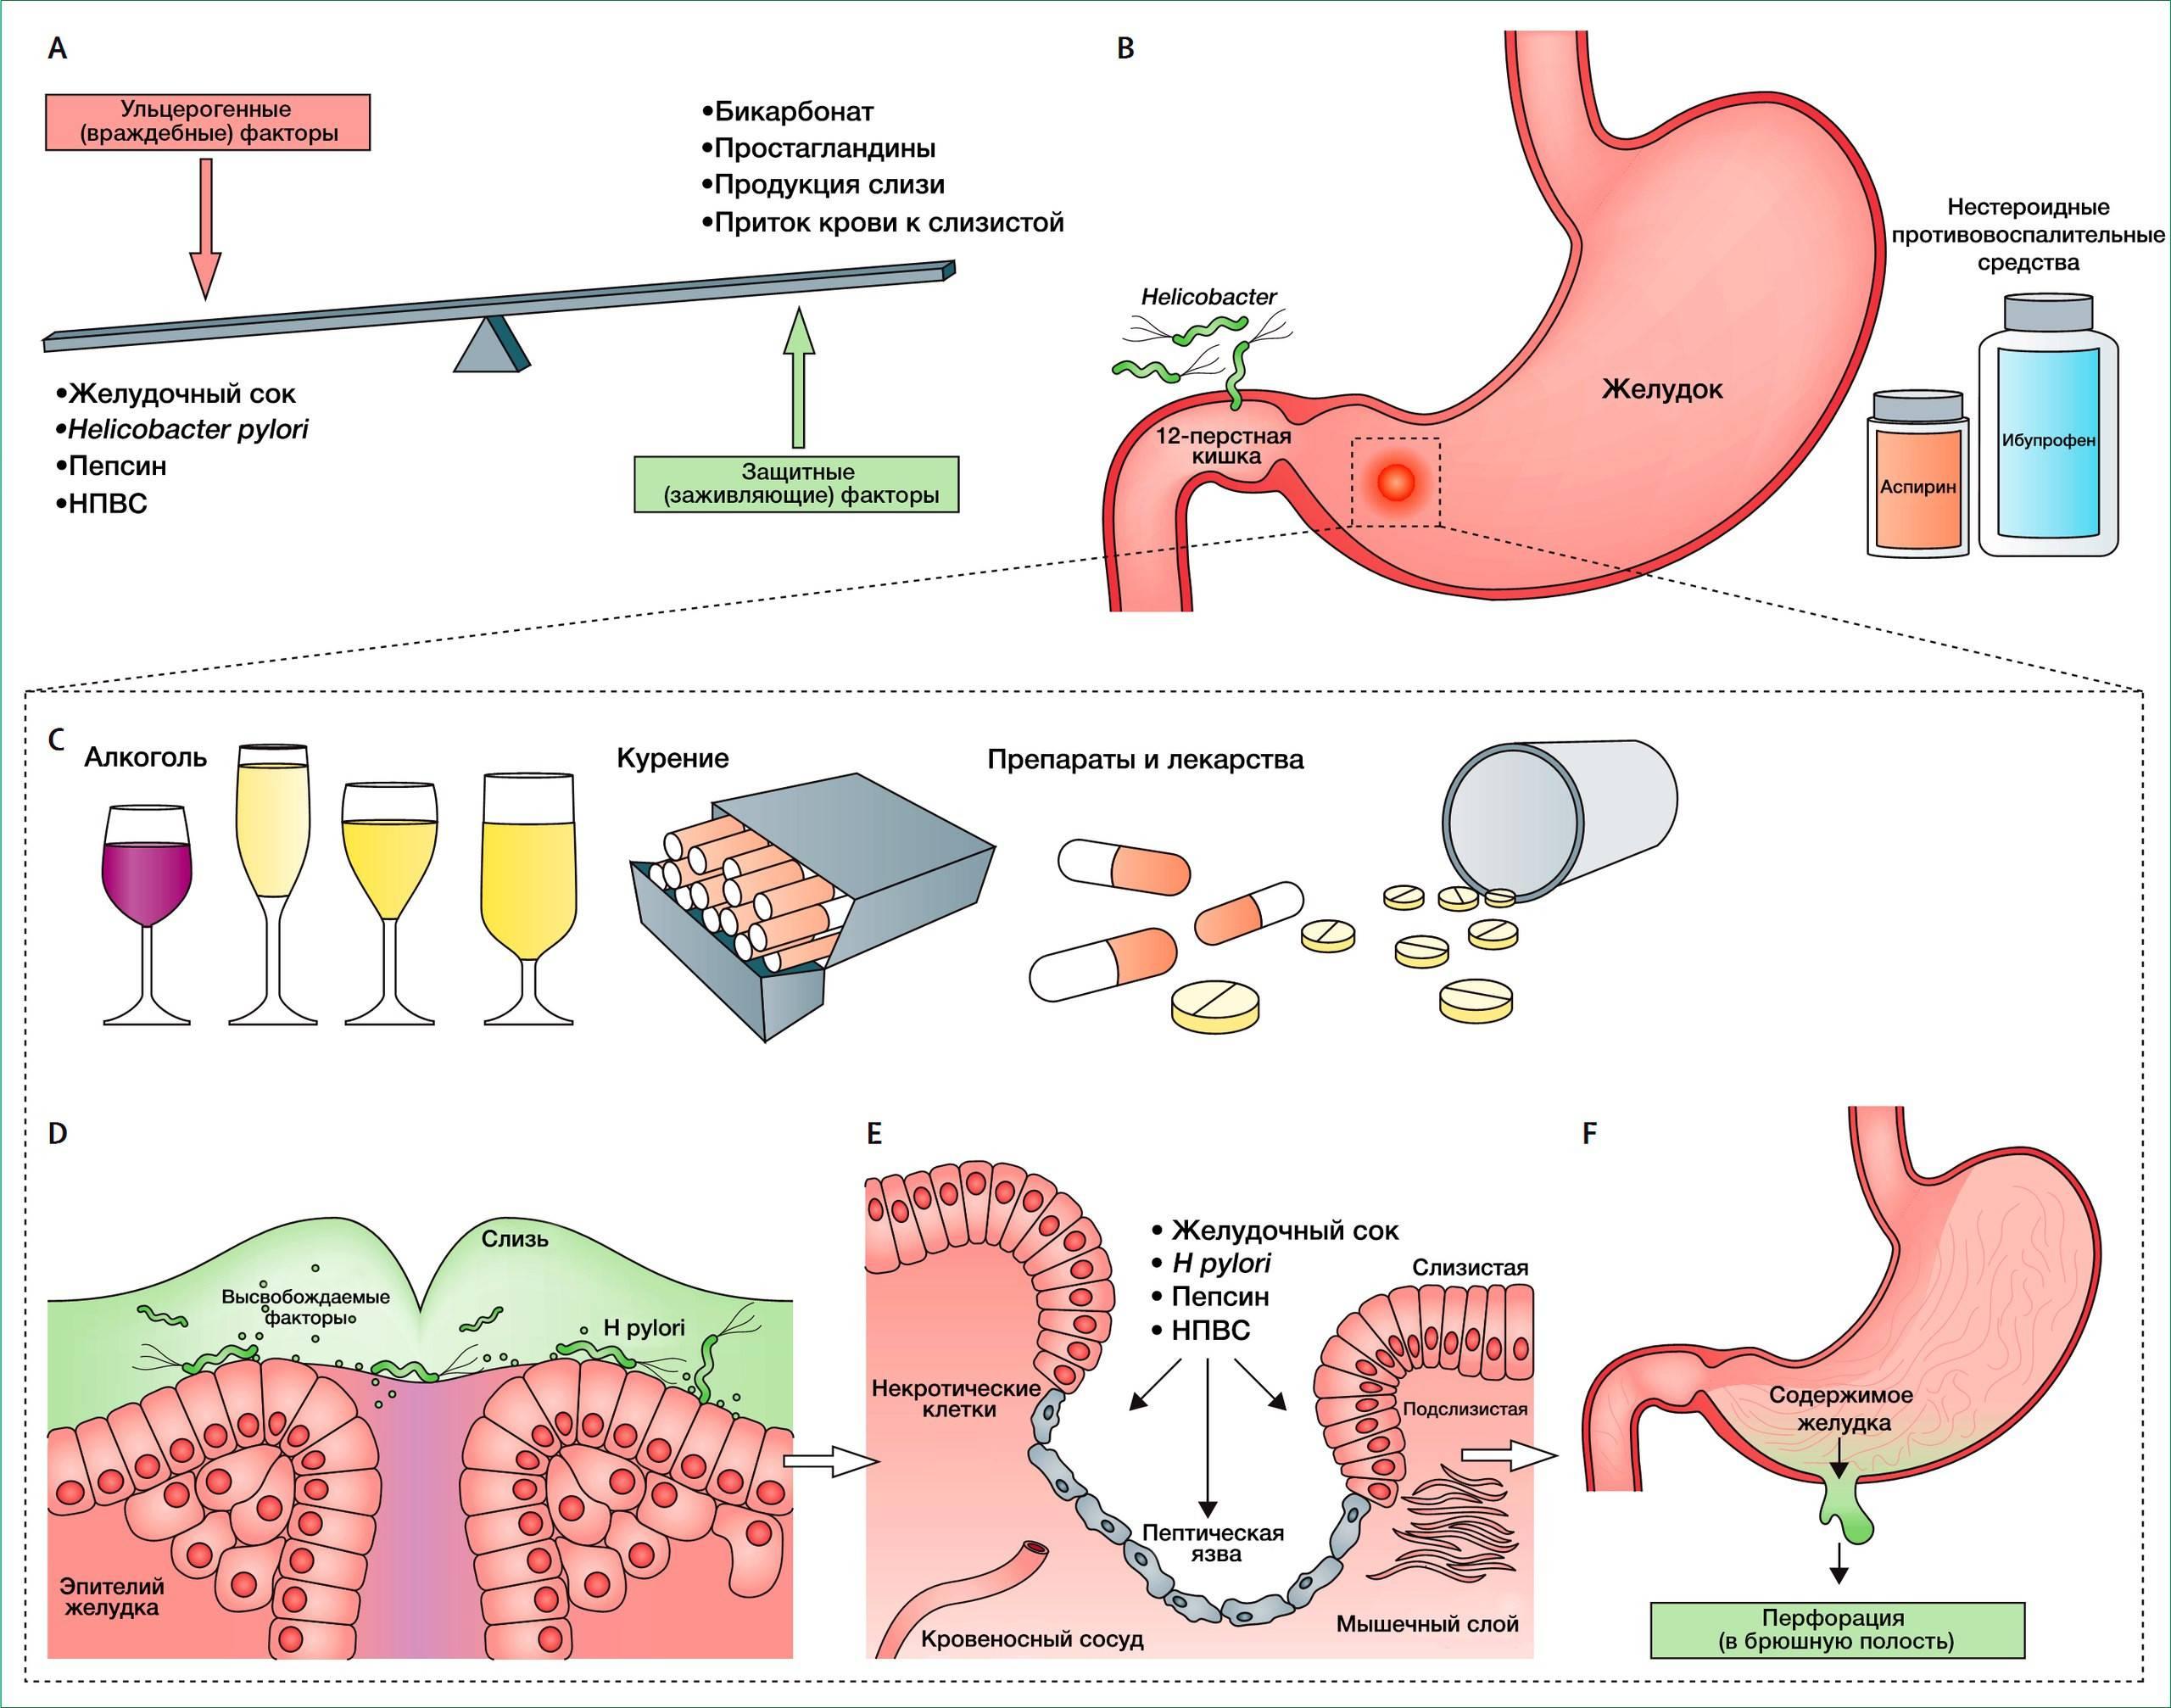 Схема лечения язвы желудка и двенадцатиперстной кишки